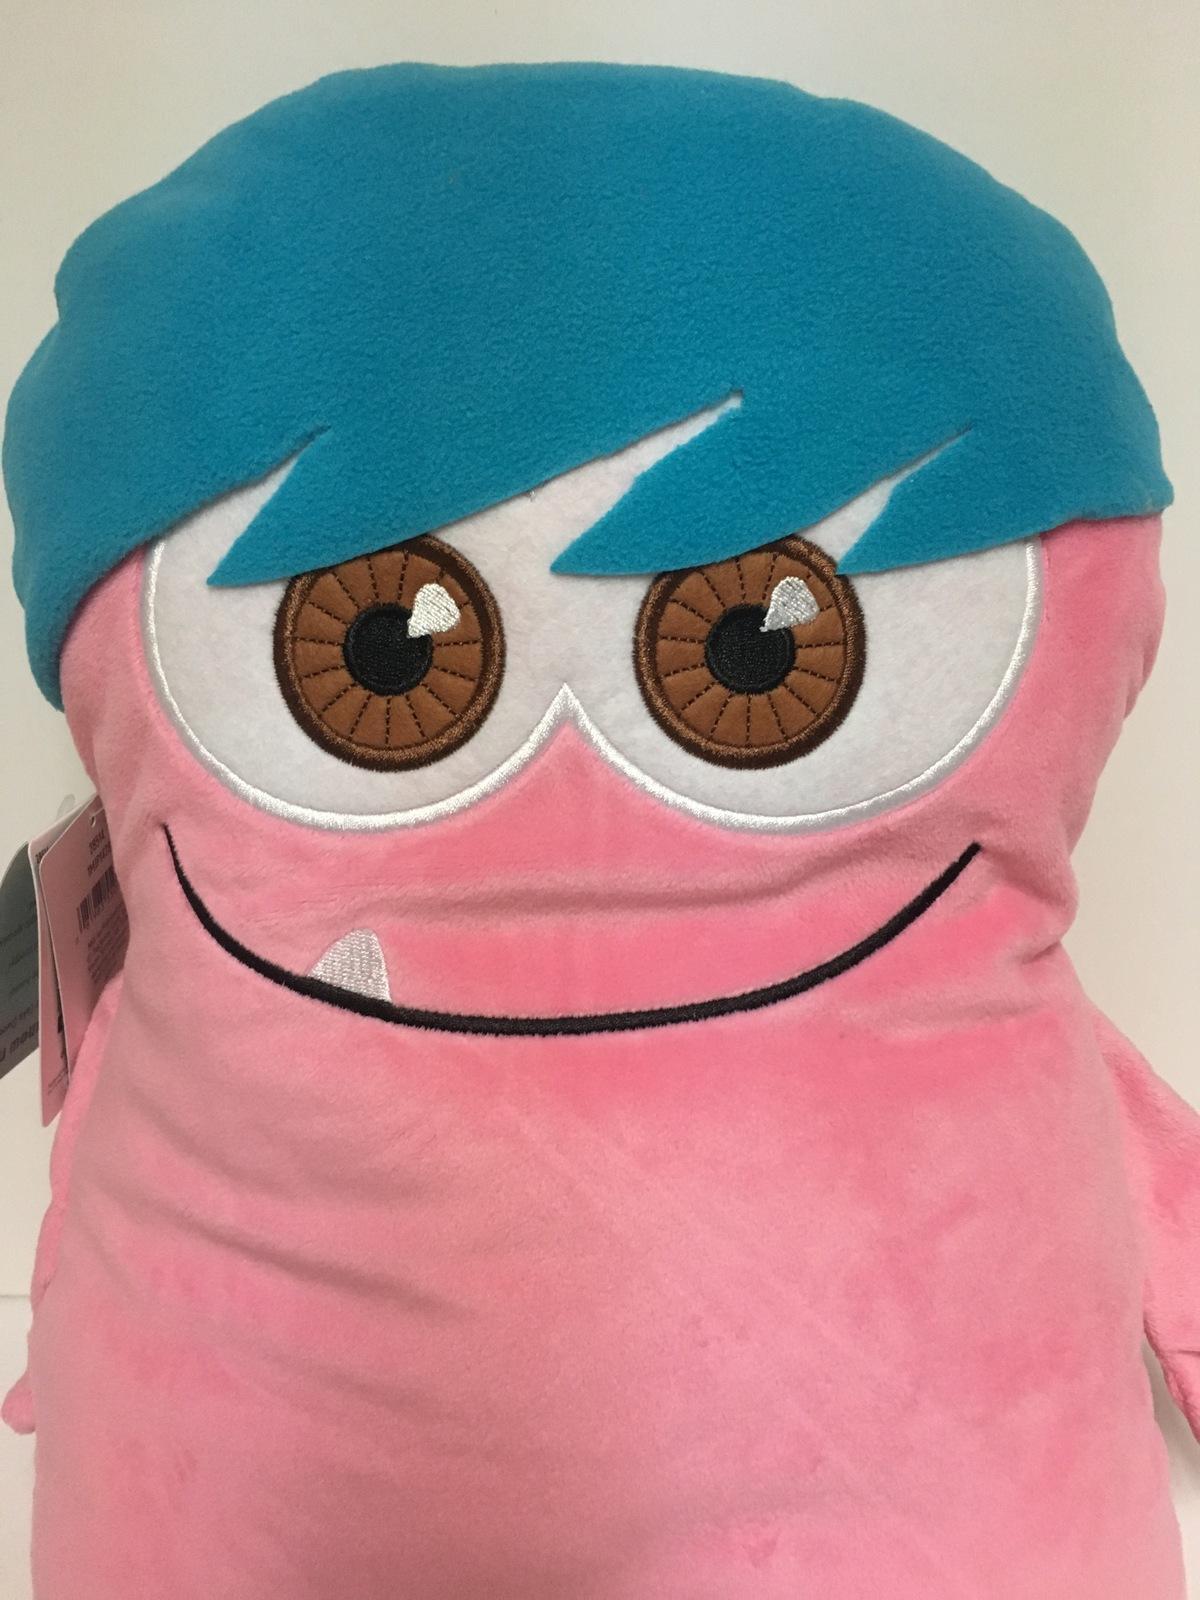 """Hallmark Dweeber (Dweebs) Plush Pillow 17"""" x 13"""" Pink & Blue I AM U-NEEK"""